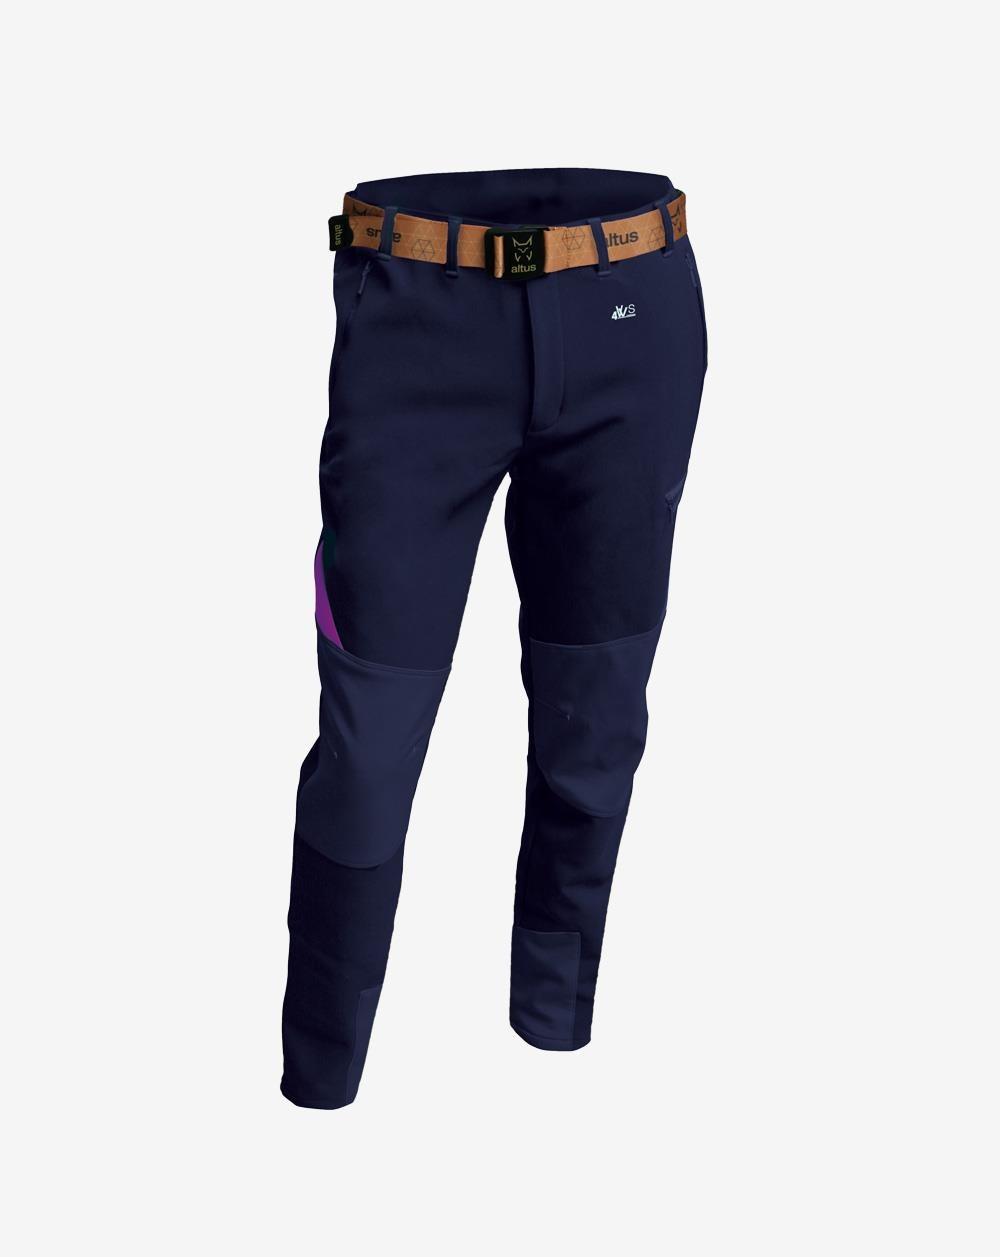 Altus Pantalon Olloqui Trekking